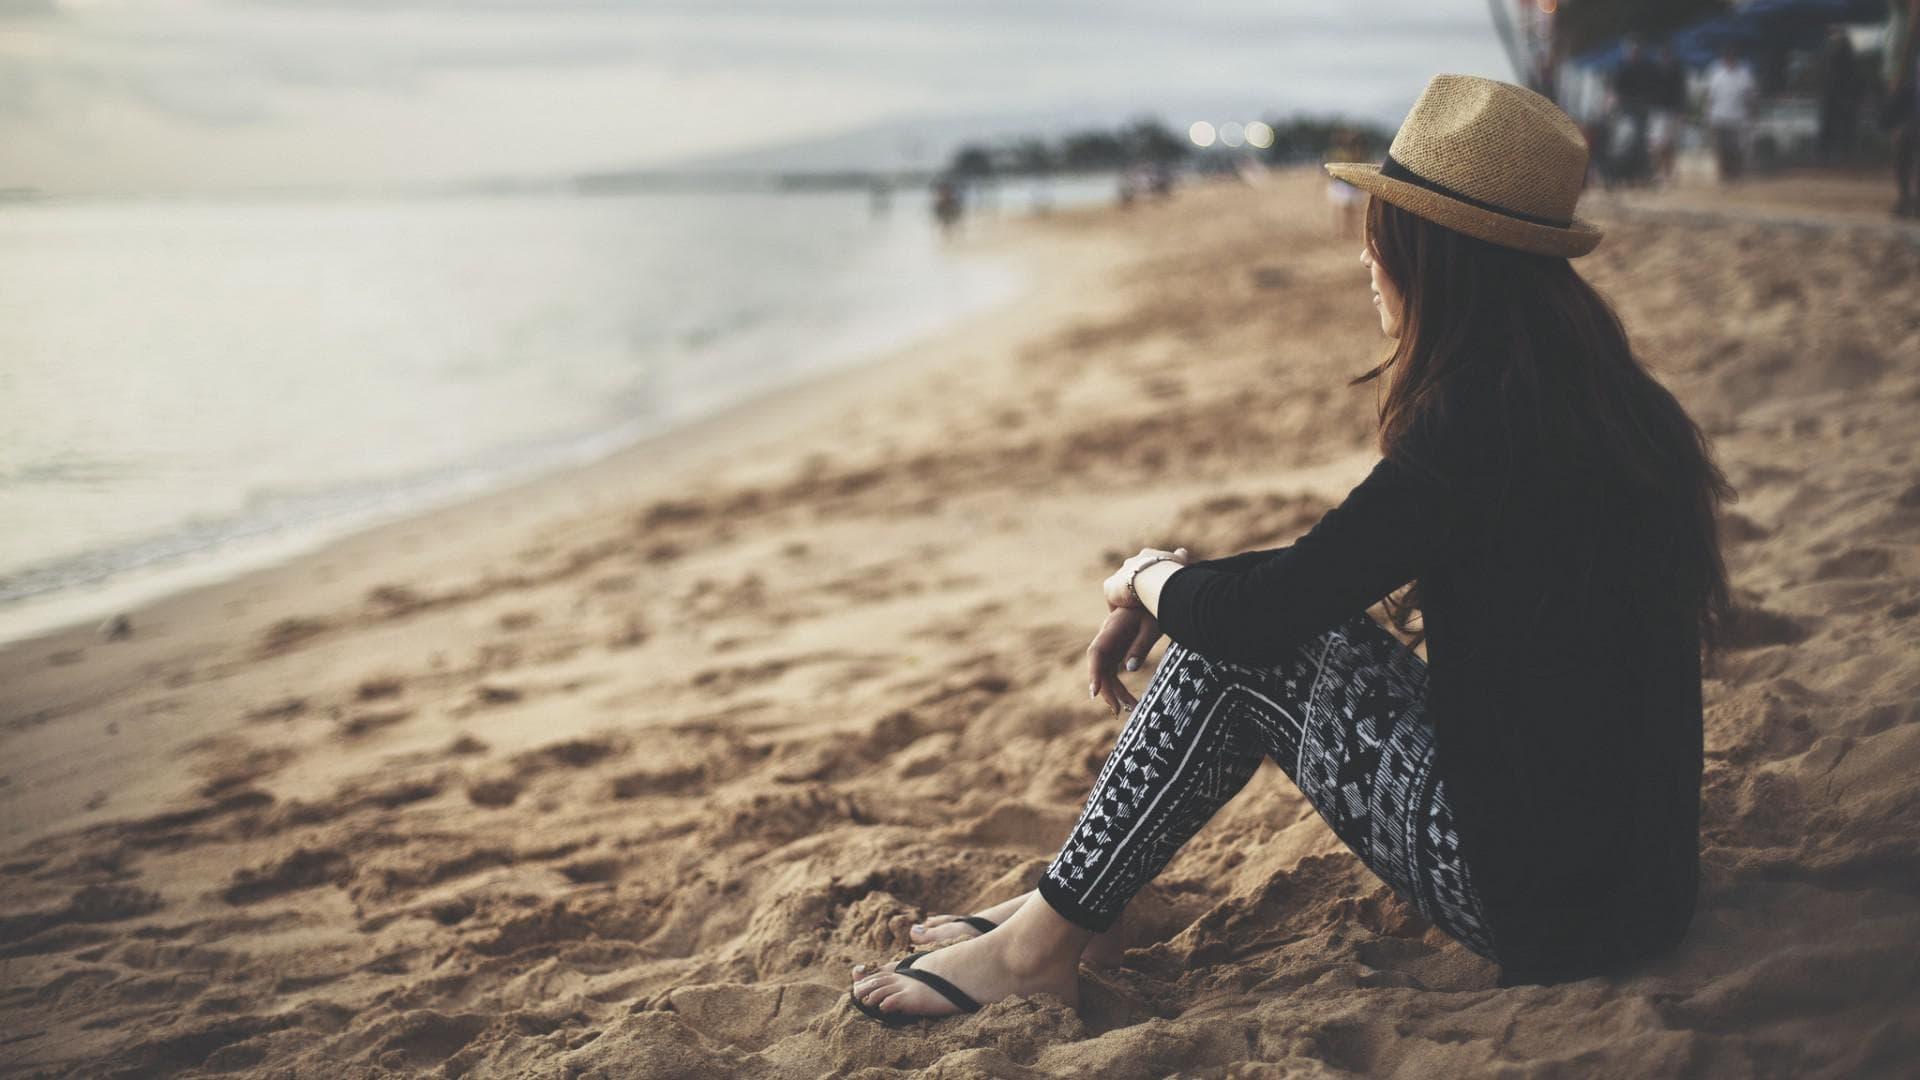 Cô gái cô đơn ngồi ngắm biển làm hình nền máy tính